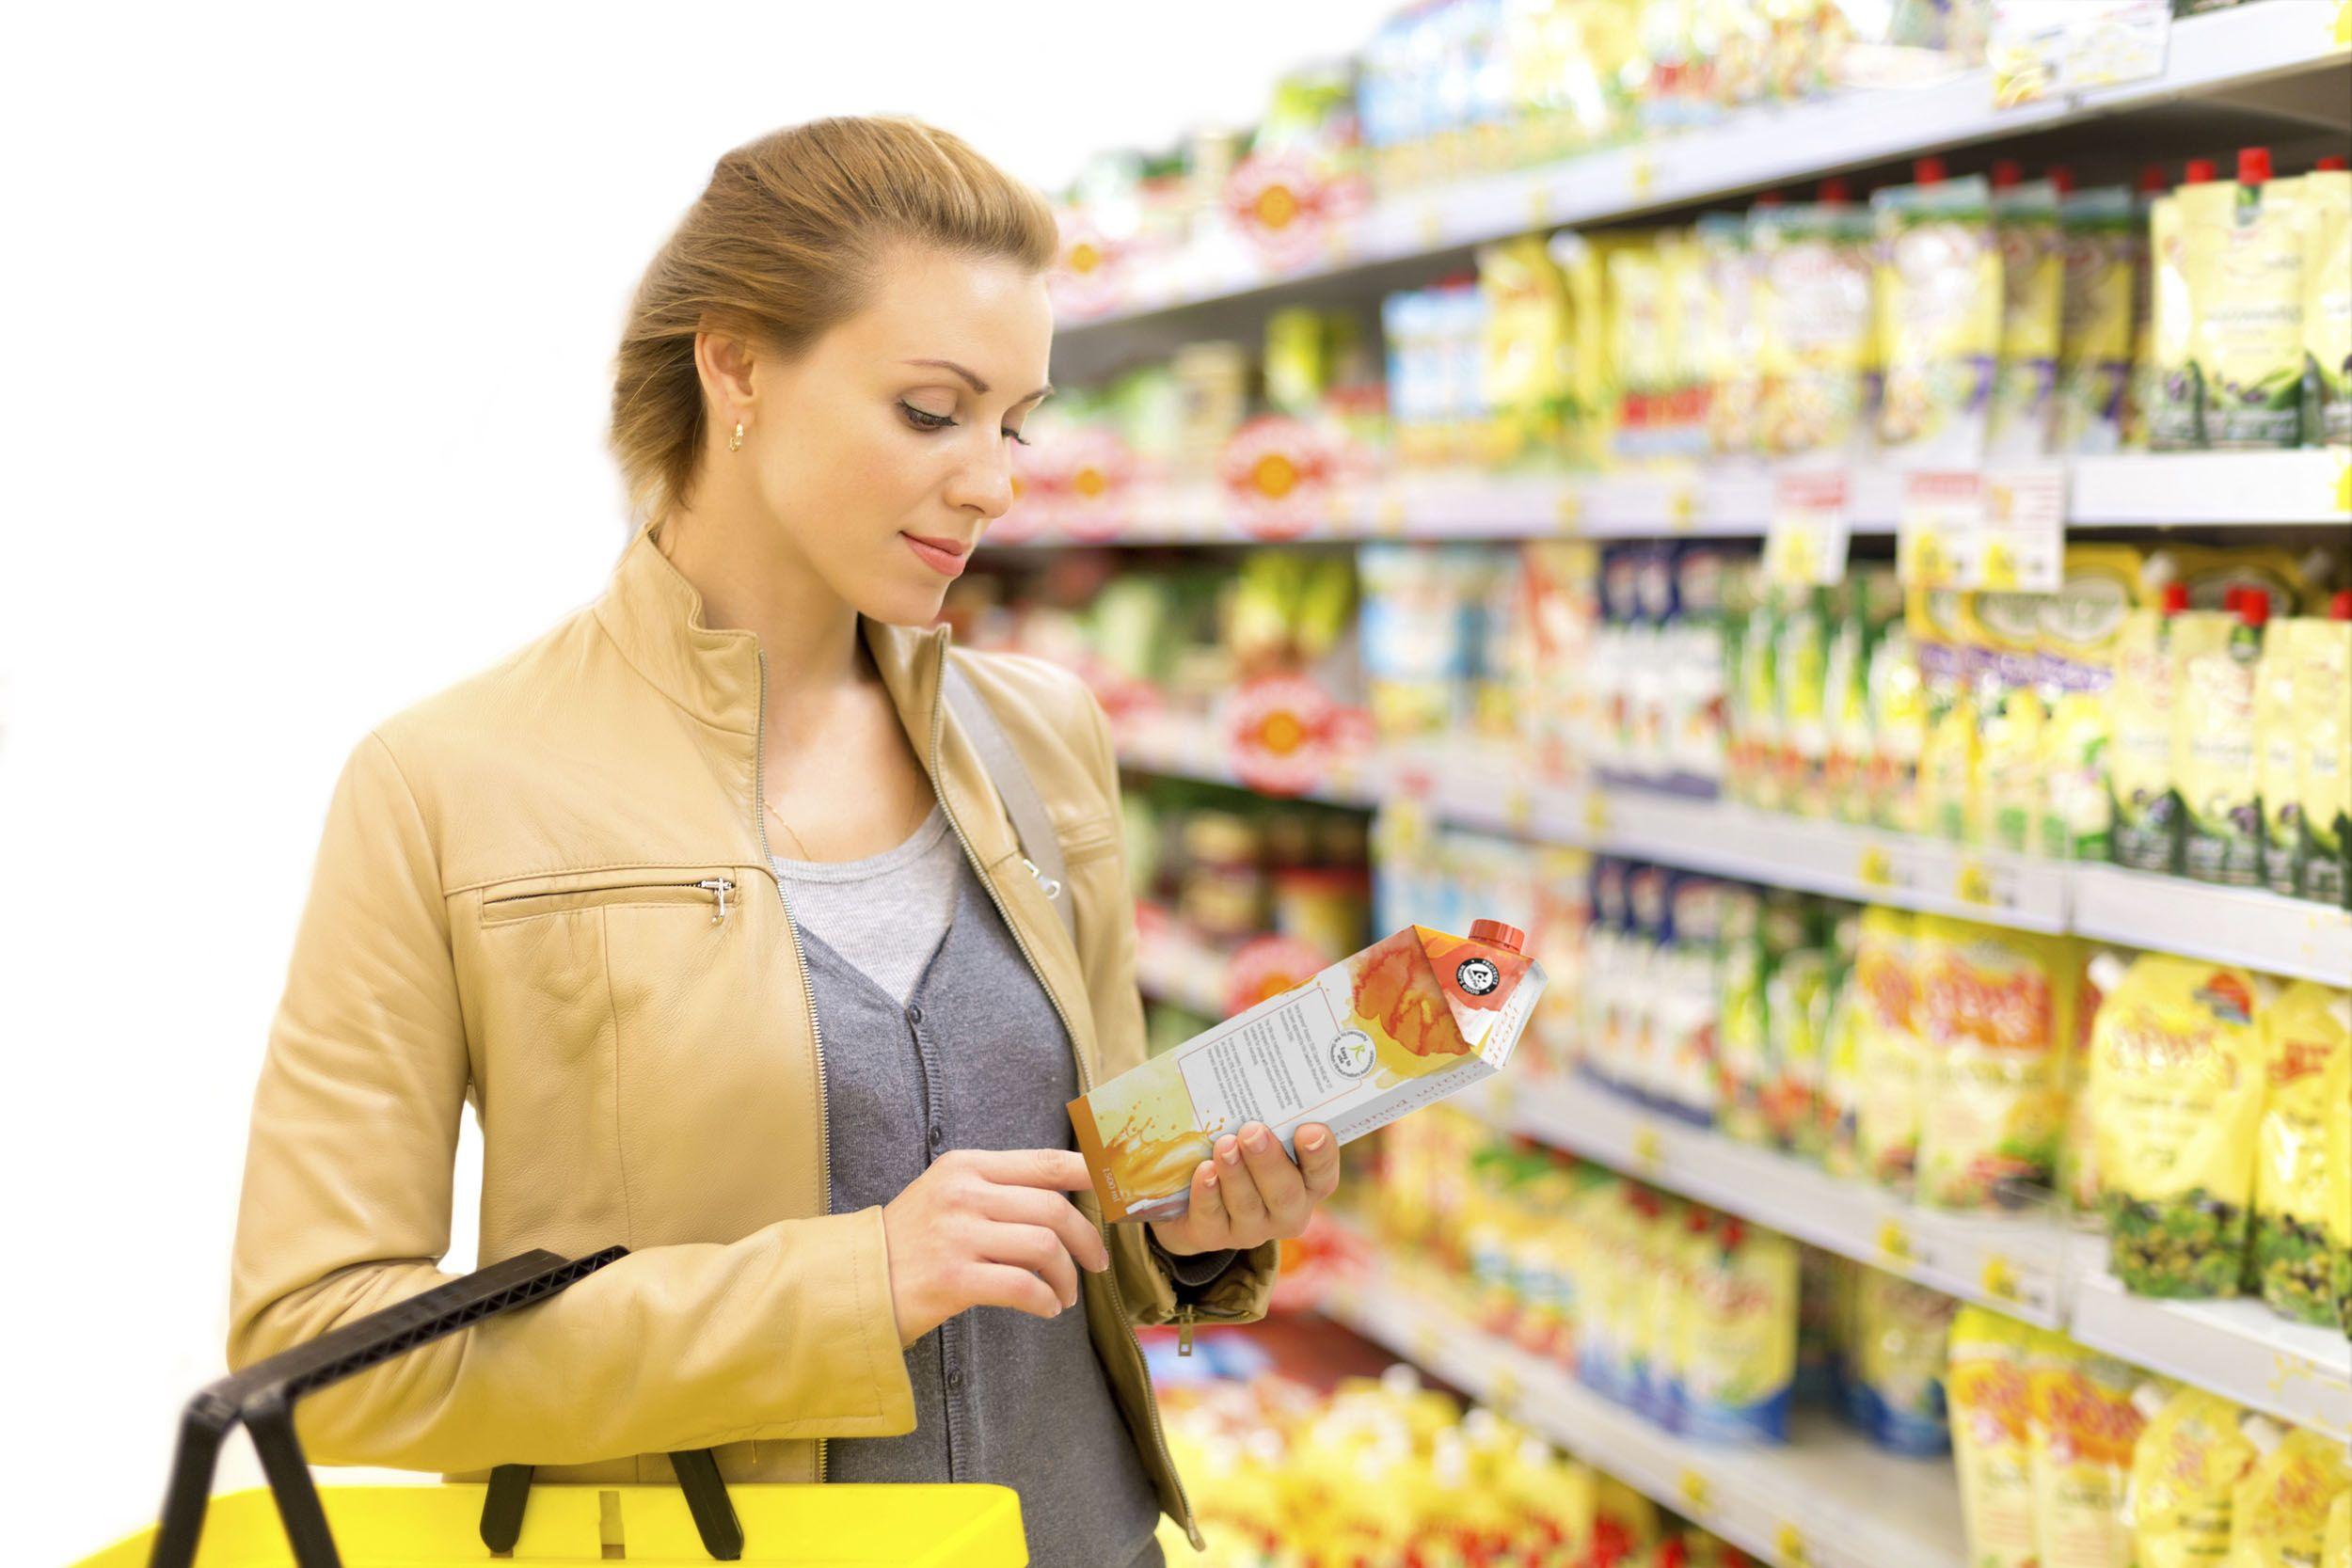 <p><strong>La importancia de escoger alimentos y bebidas seguras en medio de una pandemia</strong></p>